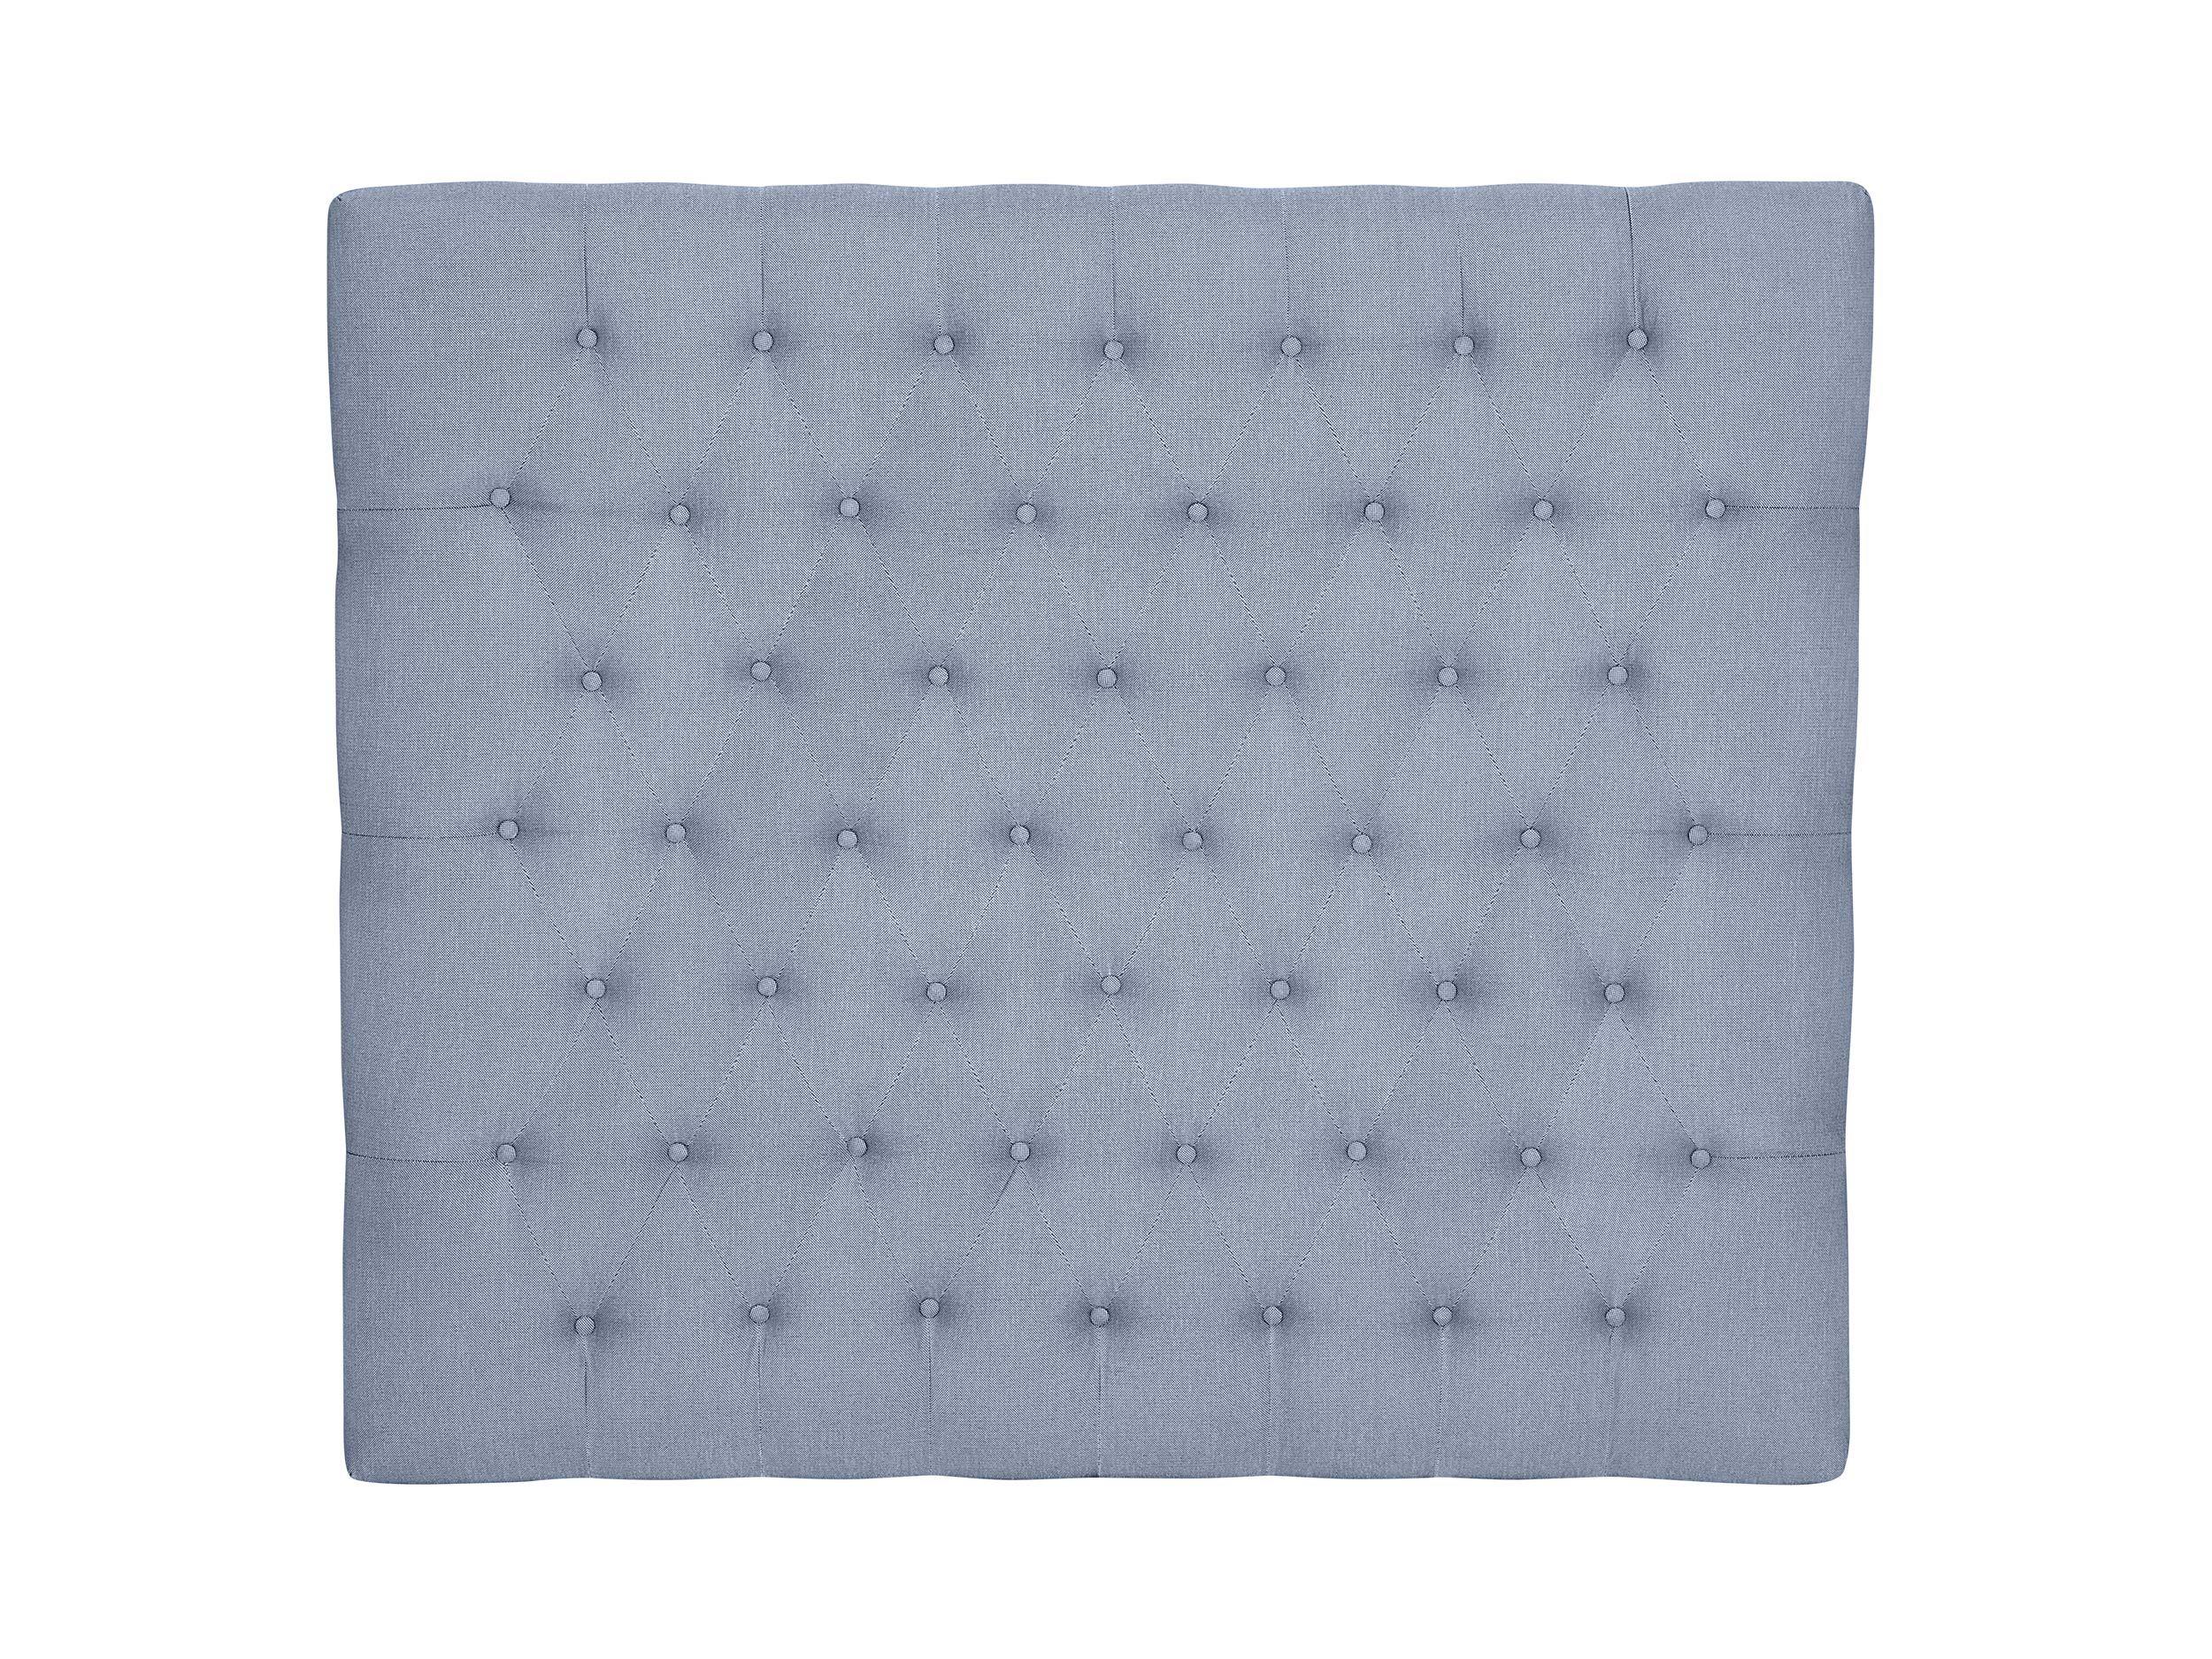 bliss kopfteil 140 blau - kopfteile - betten - für den innenwoh, Schlafzimmer entwurf